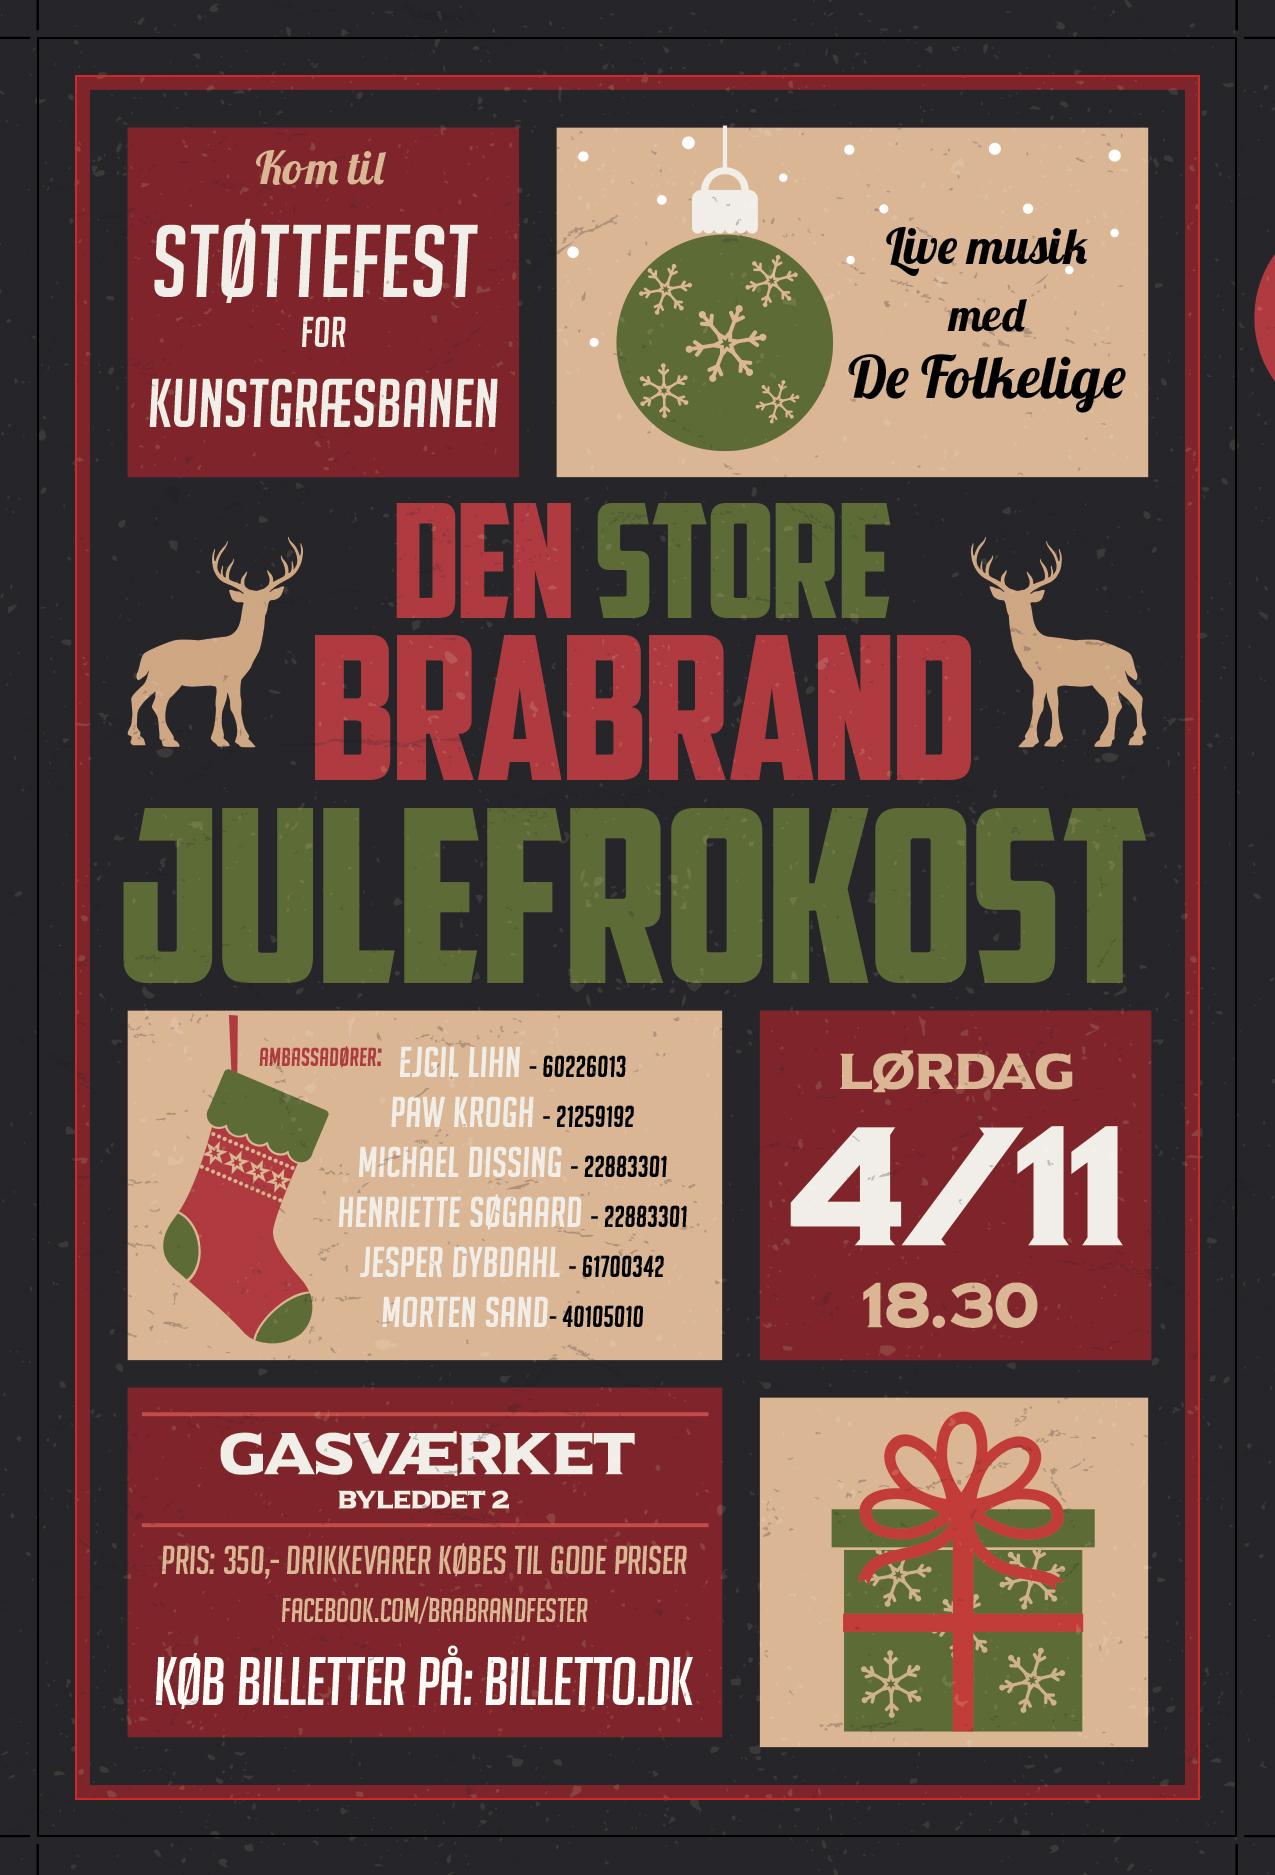 Den Store Brabrand Julefrokost 2017 / Kunstgræs-støttefest.